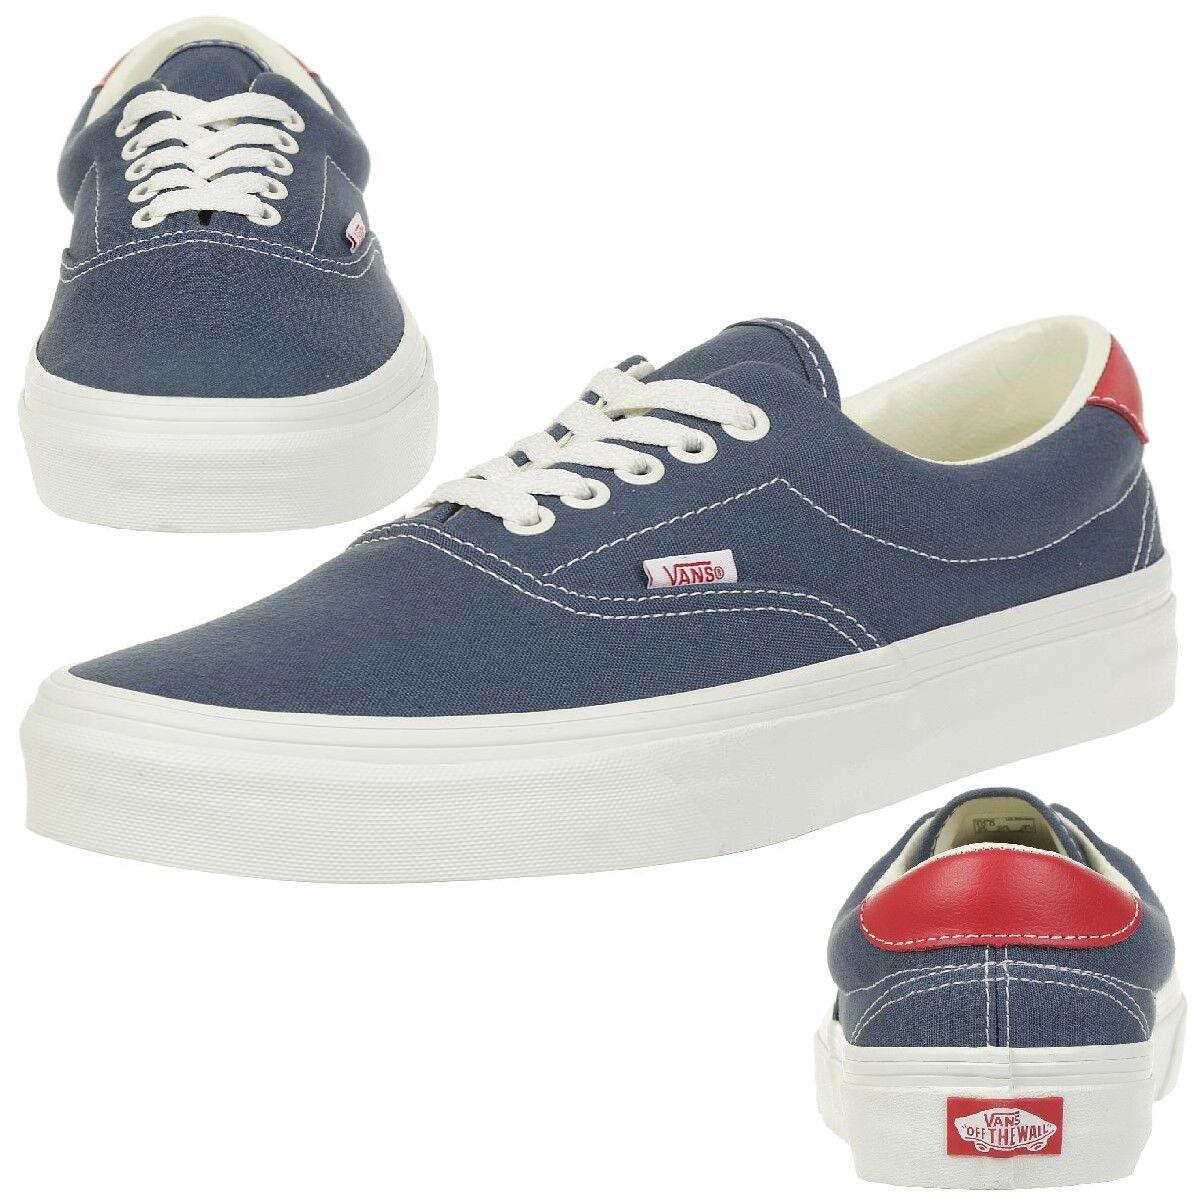 Los últimos zapatos de descuento para hombres y mujeres Vans Classic era 59 vintage cortos skater unisex canvas Indigo